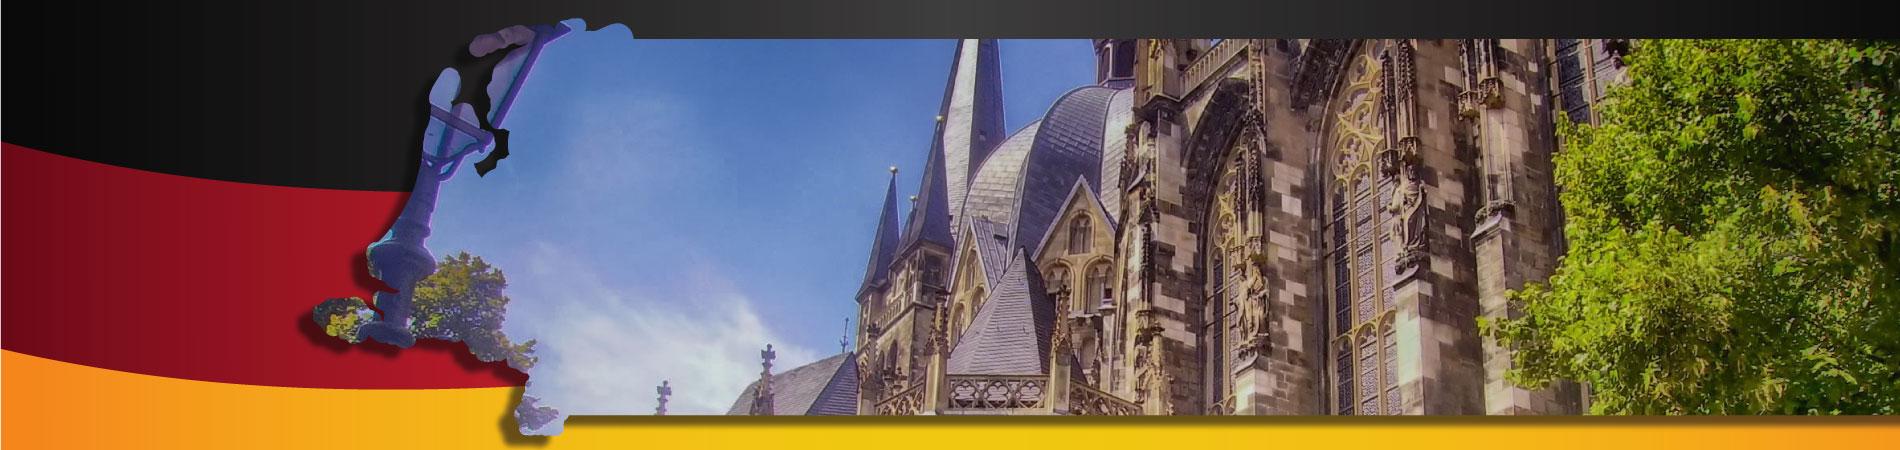 AMS Aachen DOM tours